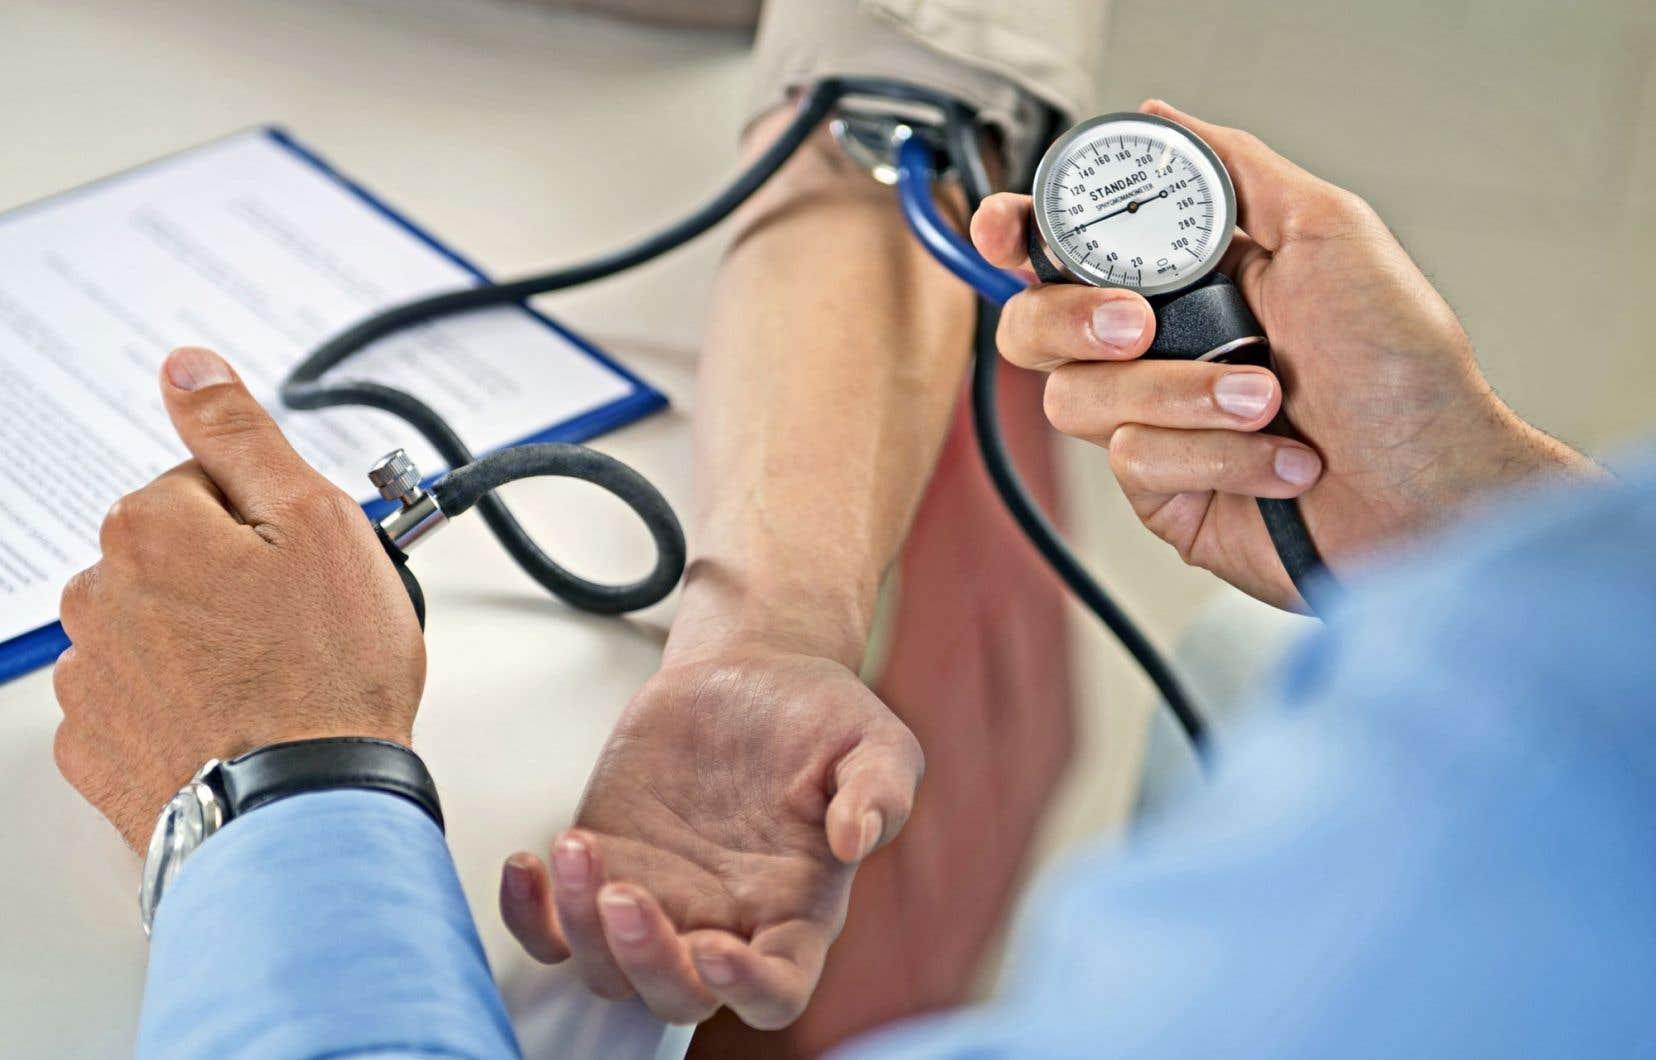 Le projet de loi 20 n'est pas encore adopté, mais déjà, les médecins québécois semblent avoir fait un effort dans la dernière année pour augmenter leur clientèle régulière.